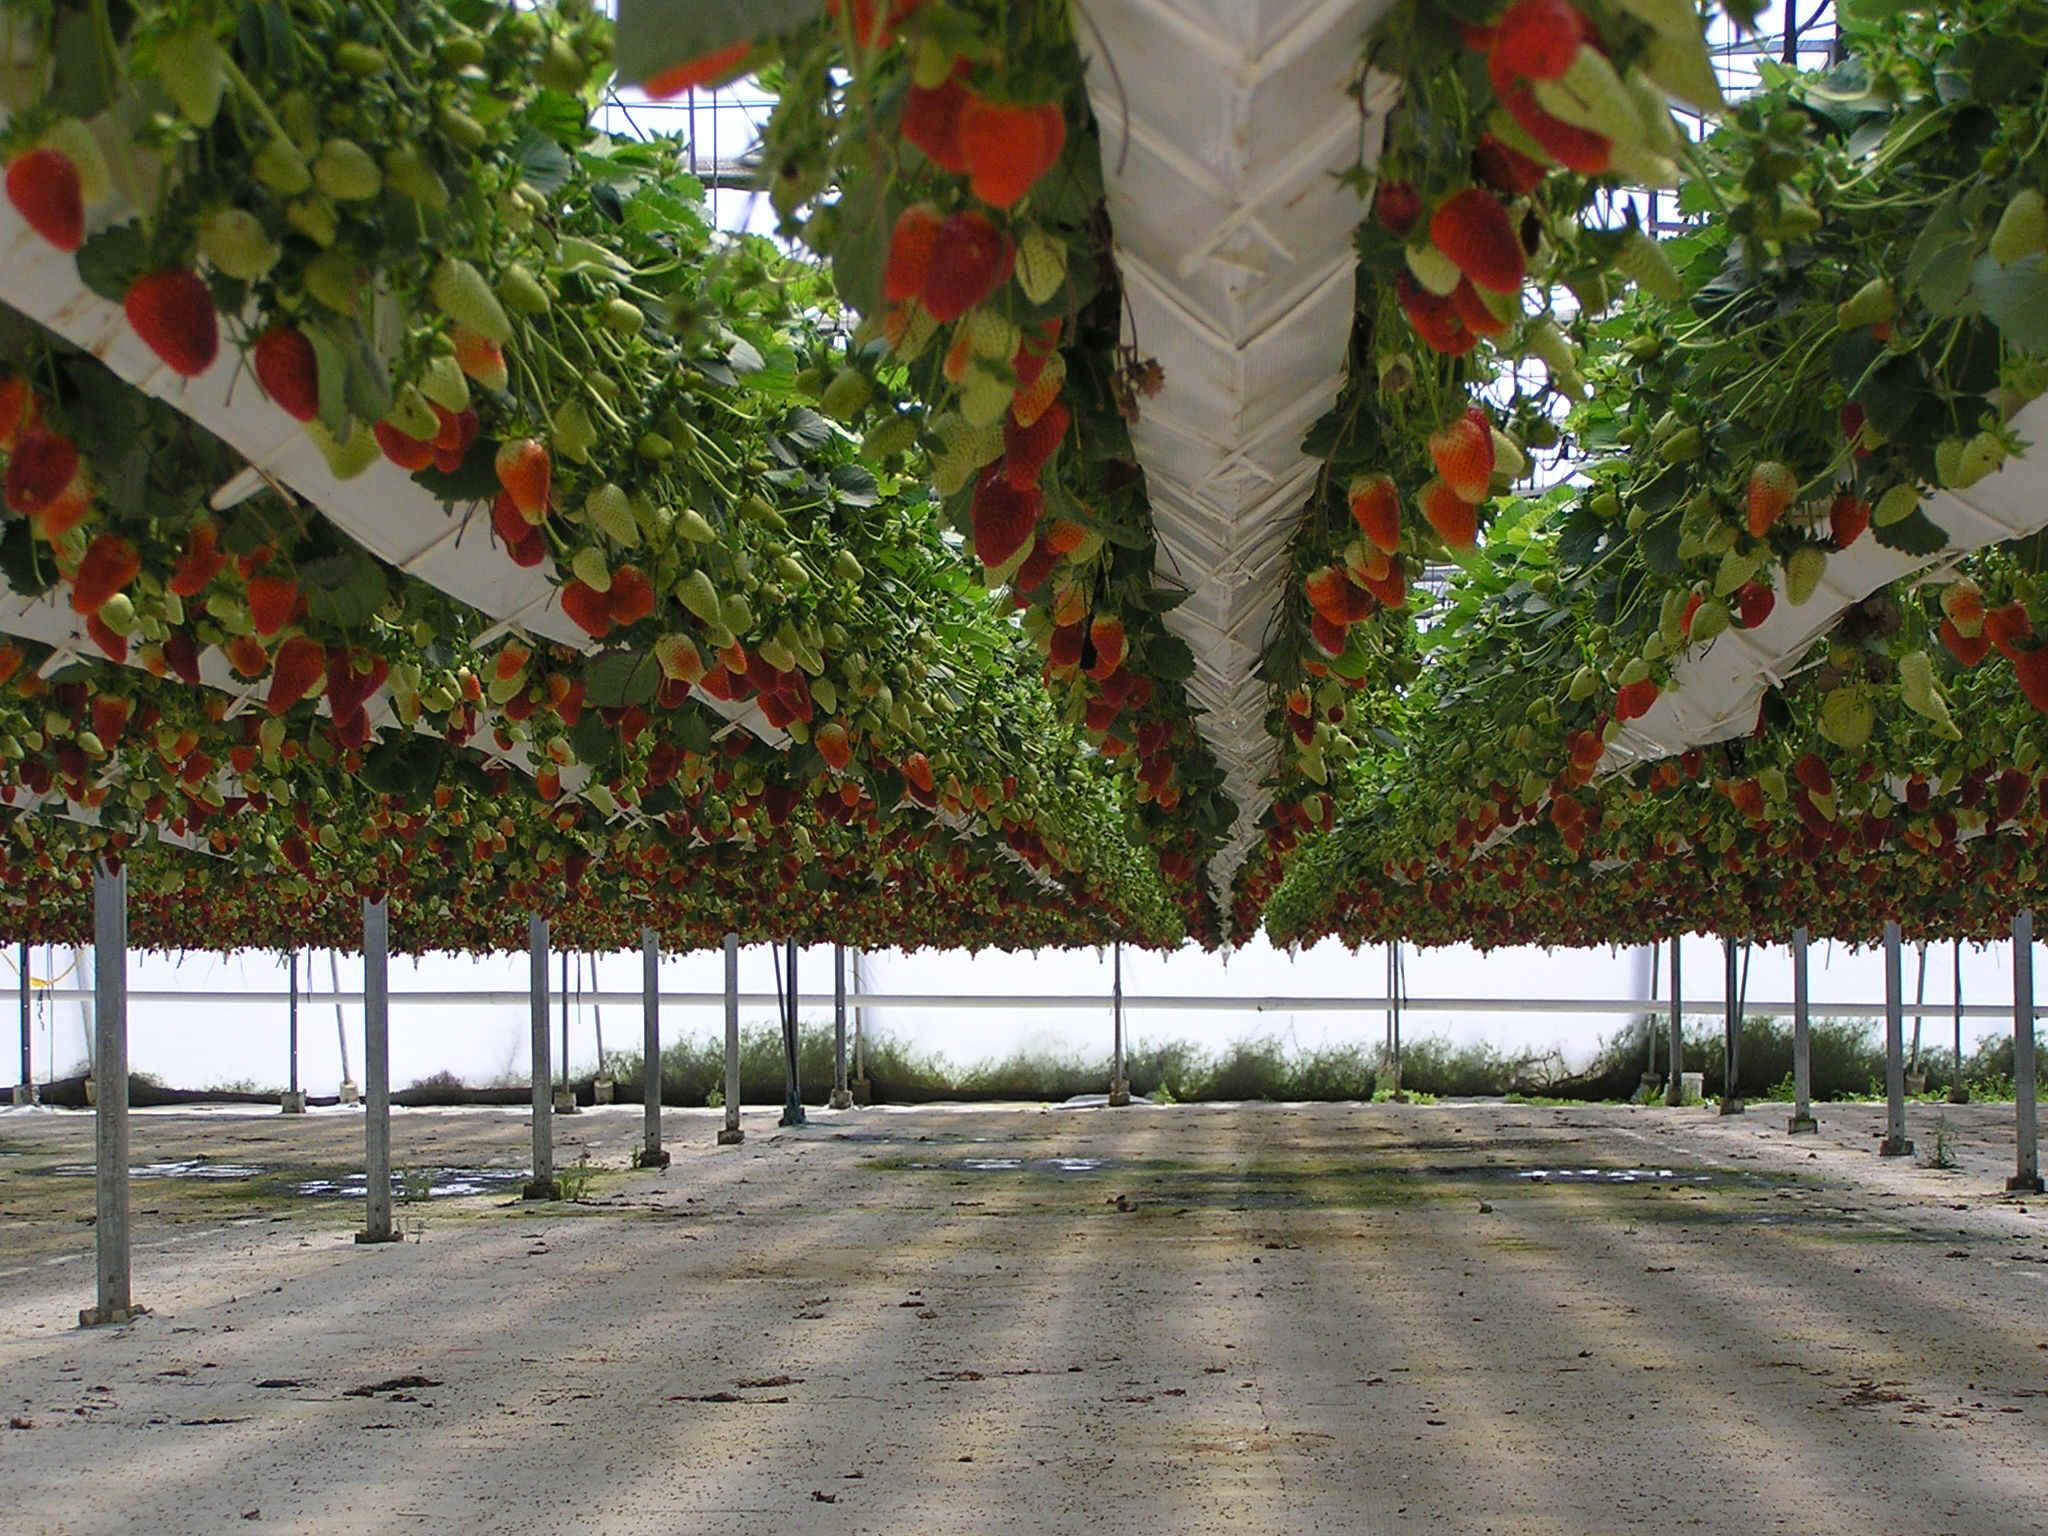 Cultivo hidroponico de morangos ecoeficientes for Imagenes de hidroponia